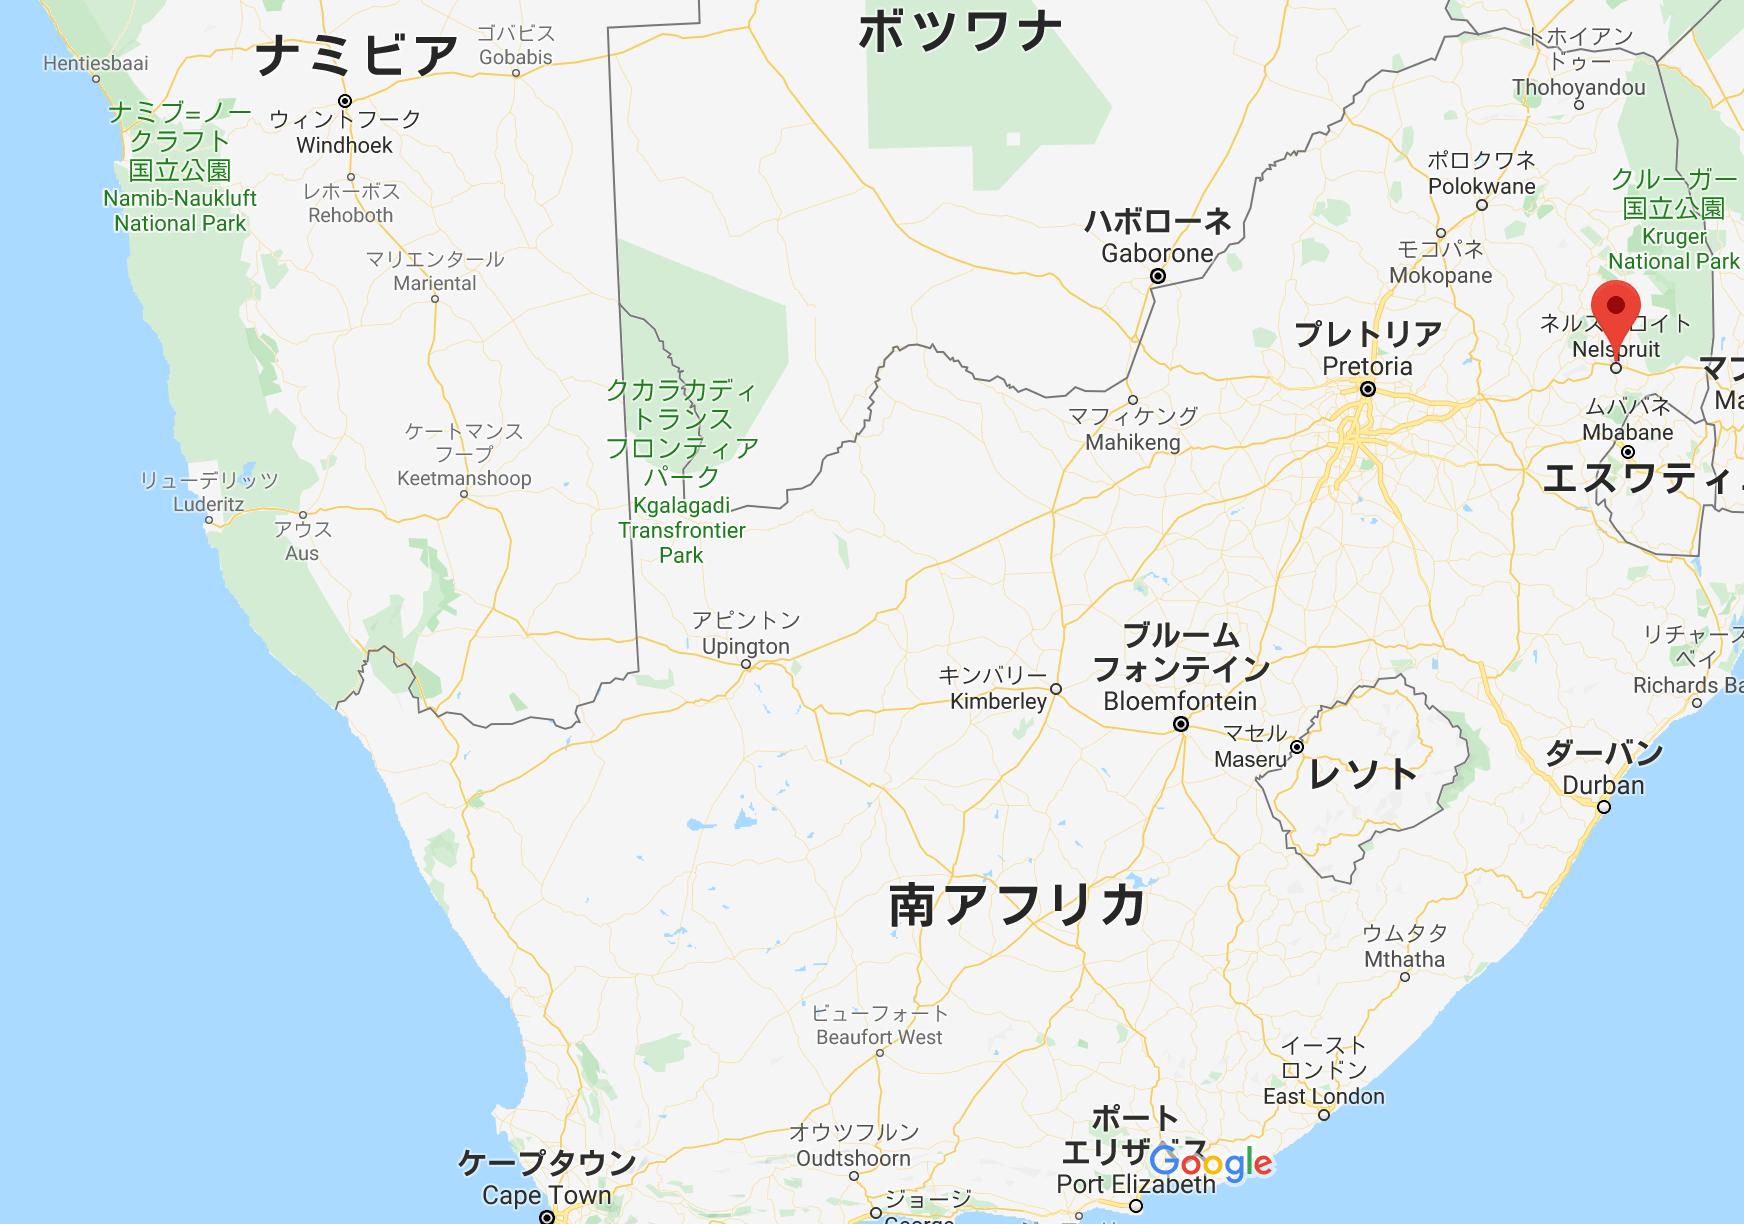 南アフリカ共和国ネルスプロイト